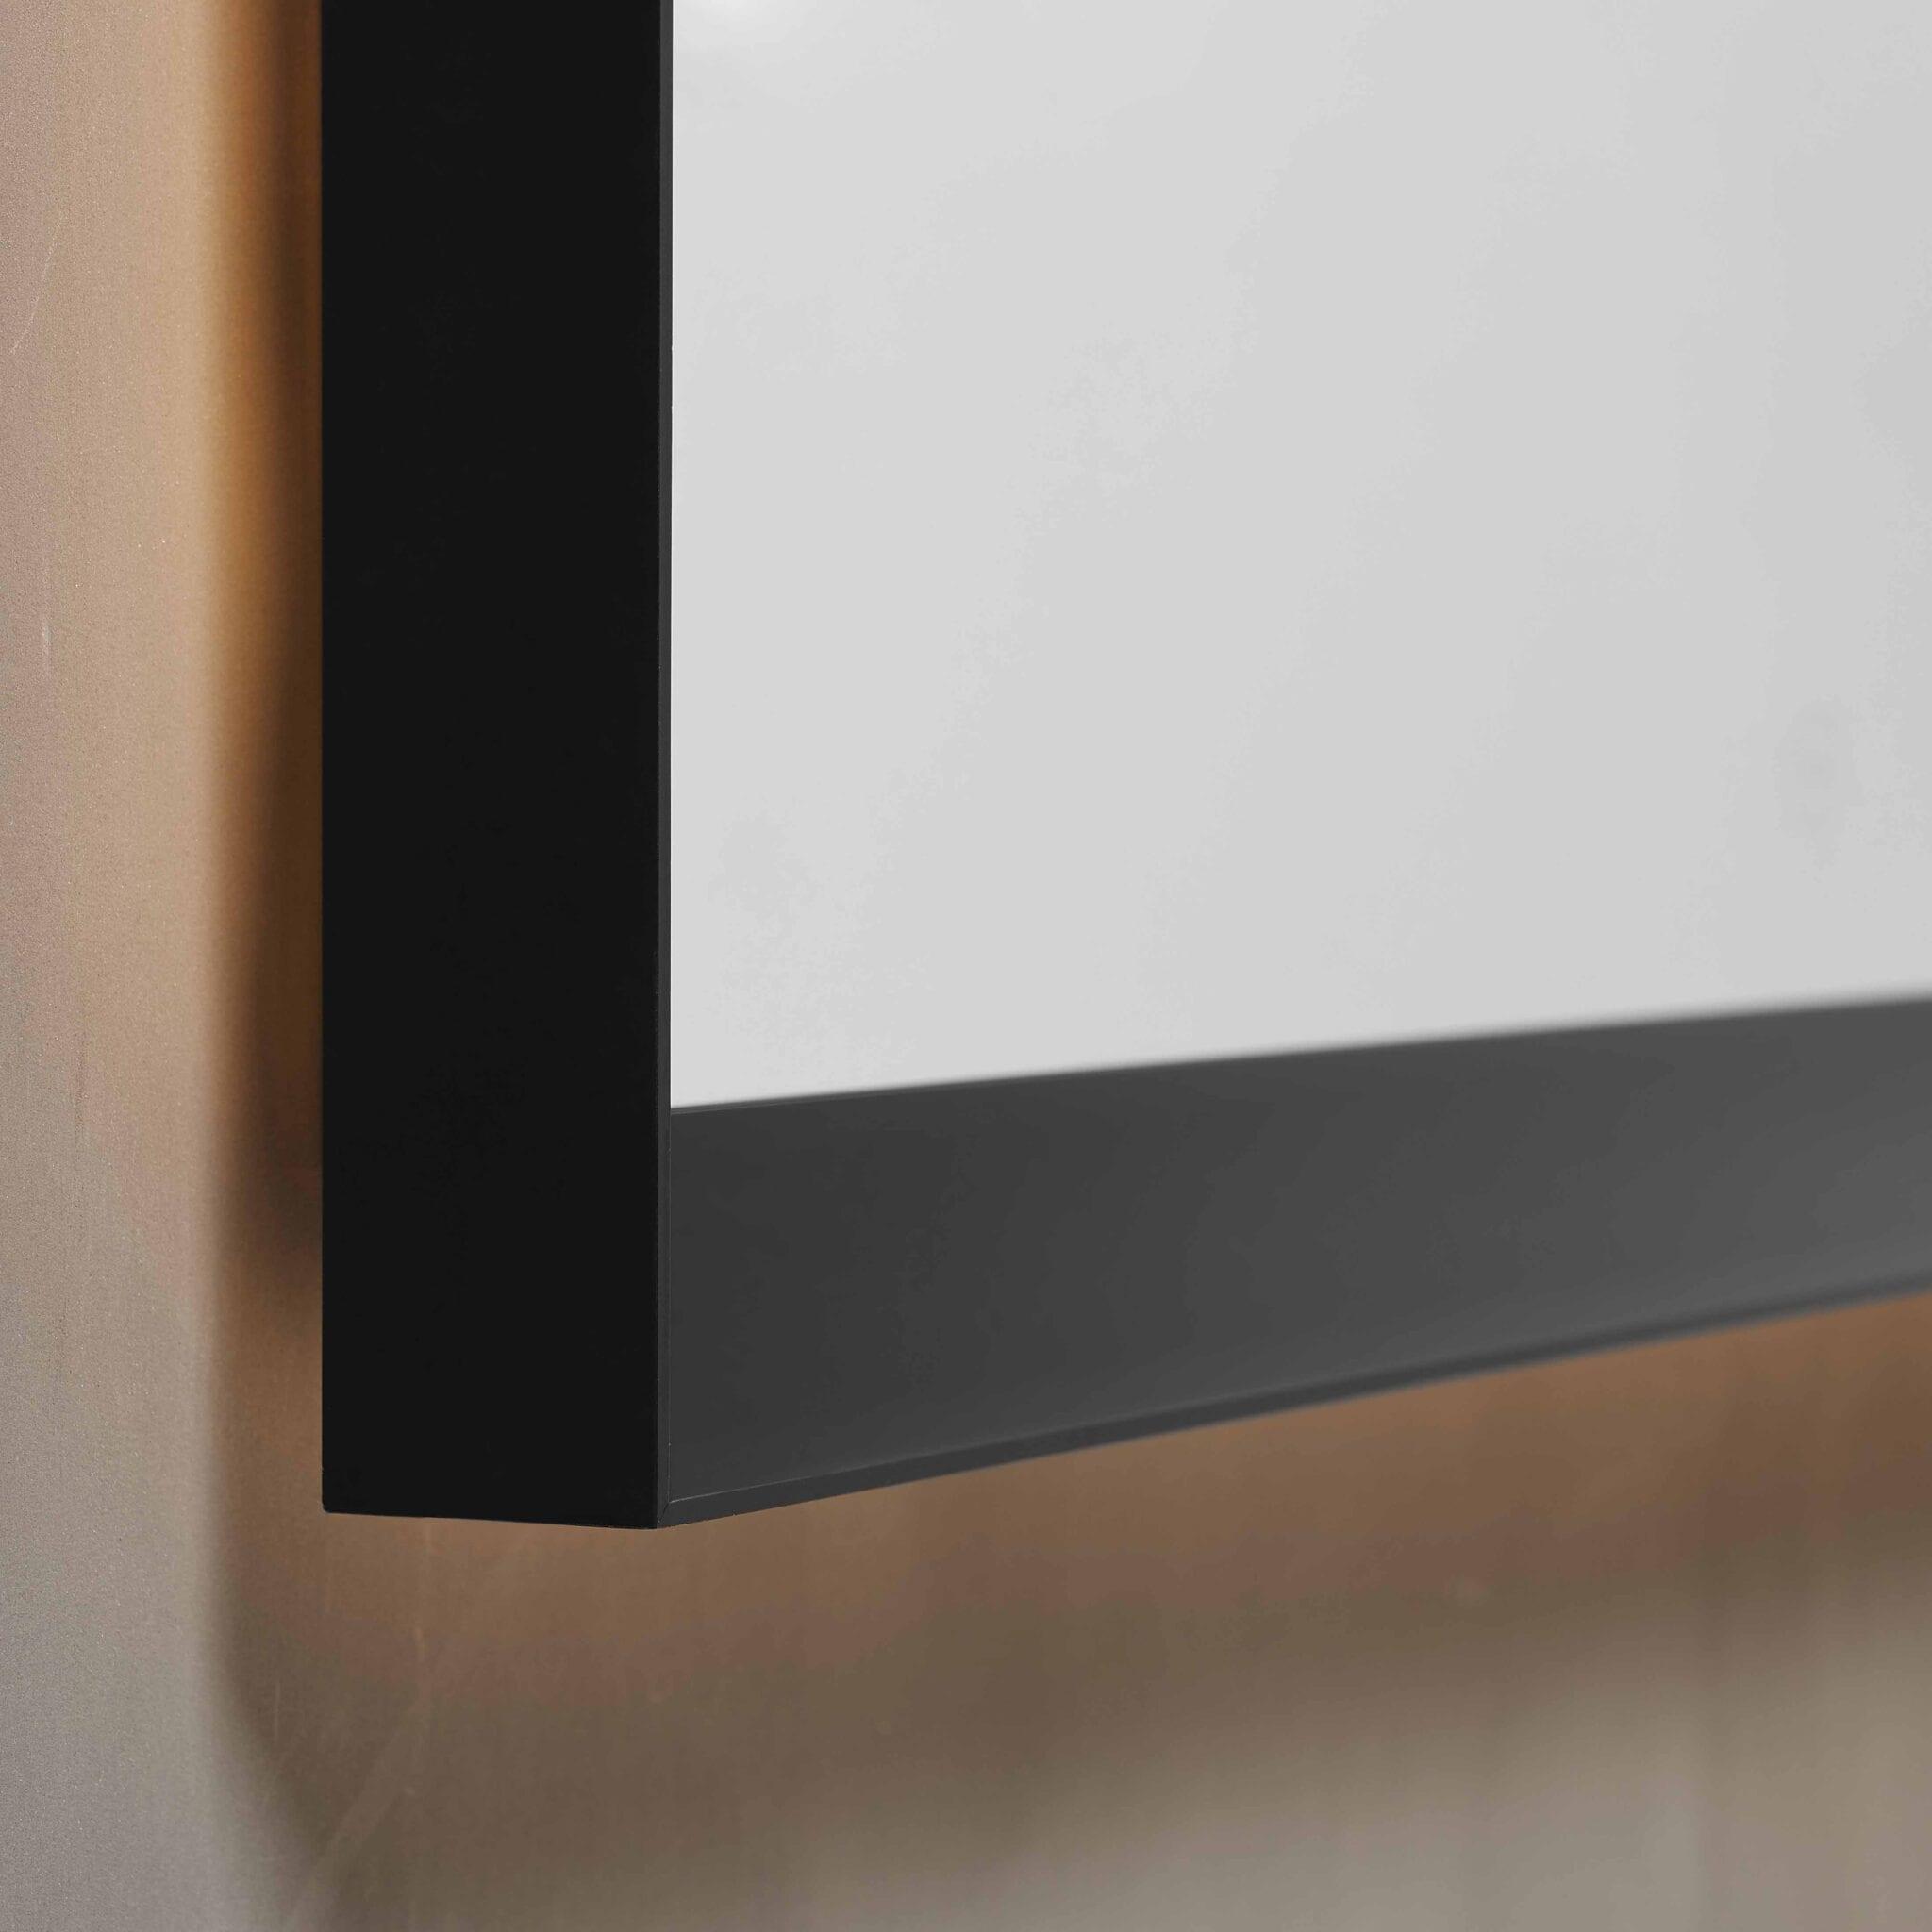 Verona baderomsspeil med sort ramme og lys 80